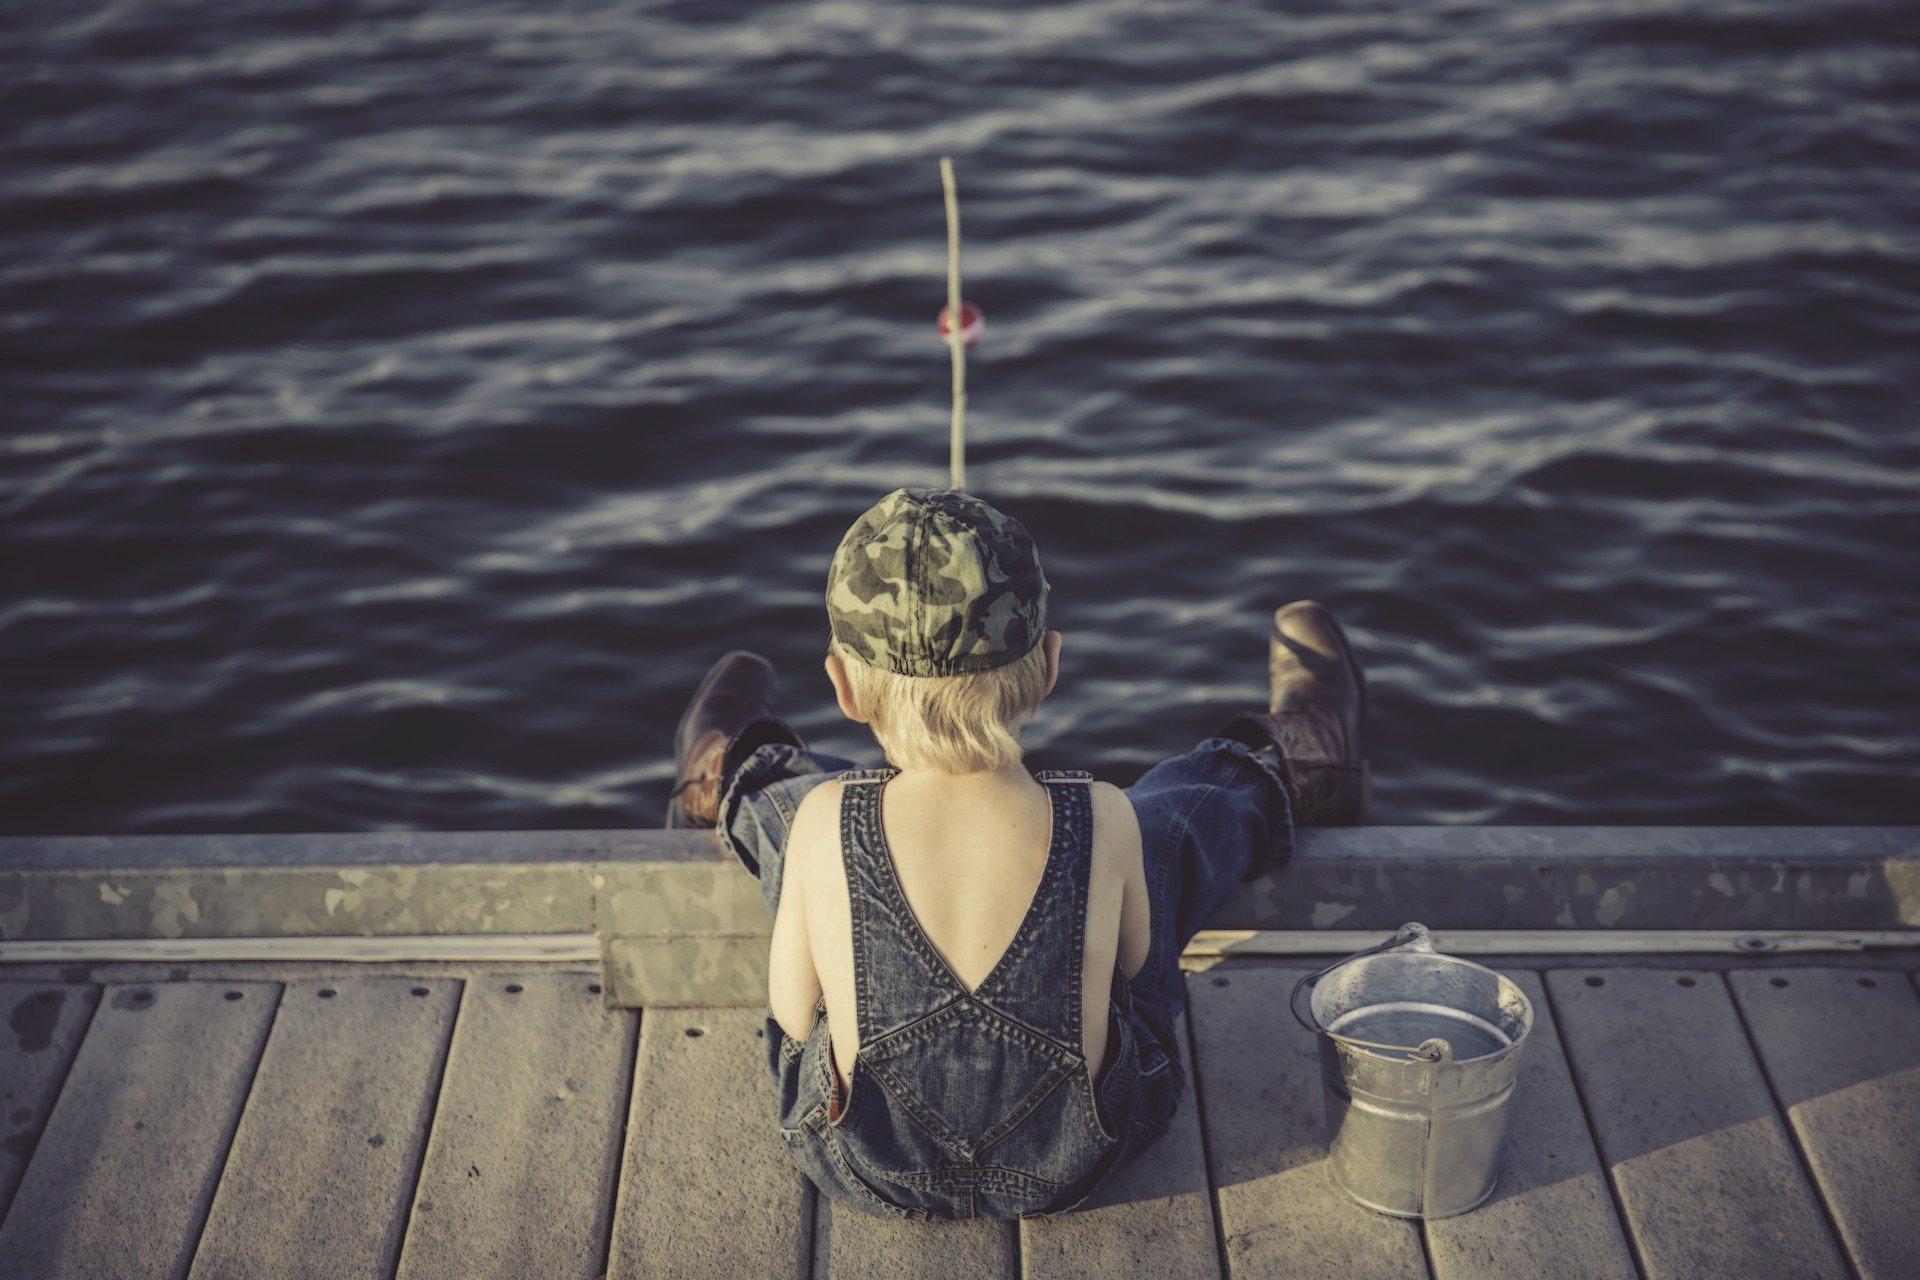 Sacar Licencia De Pesca